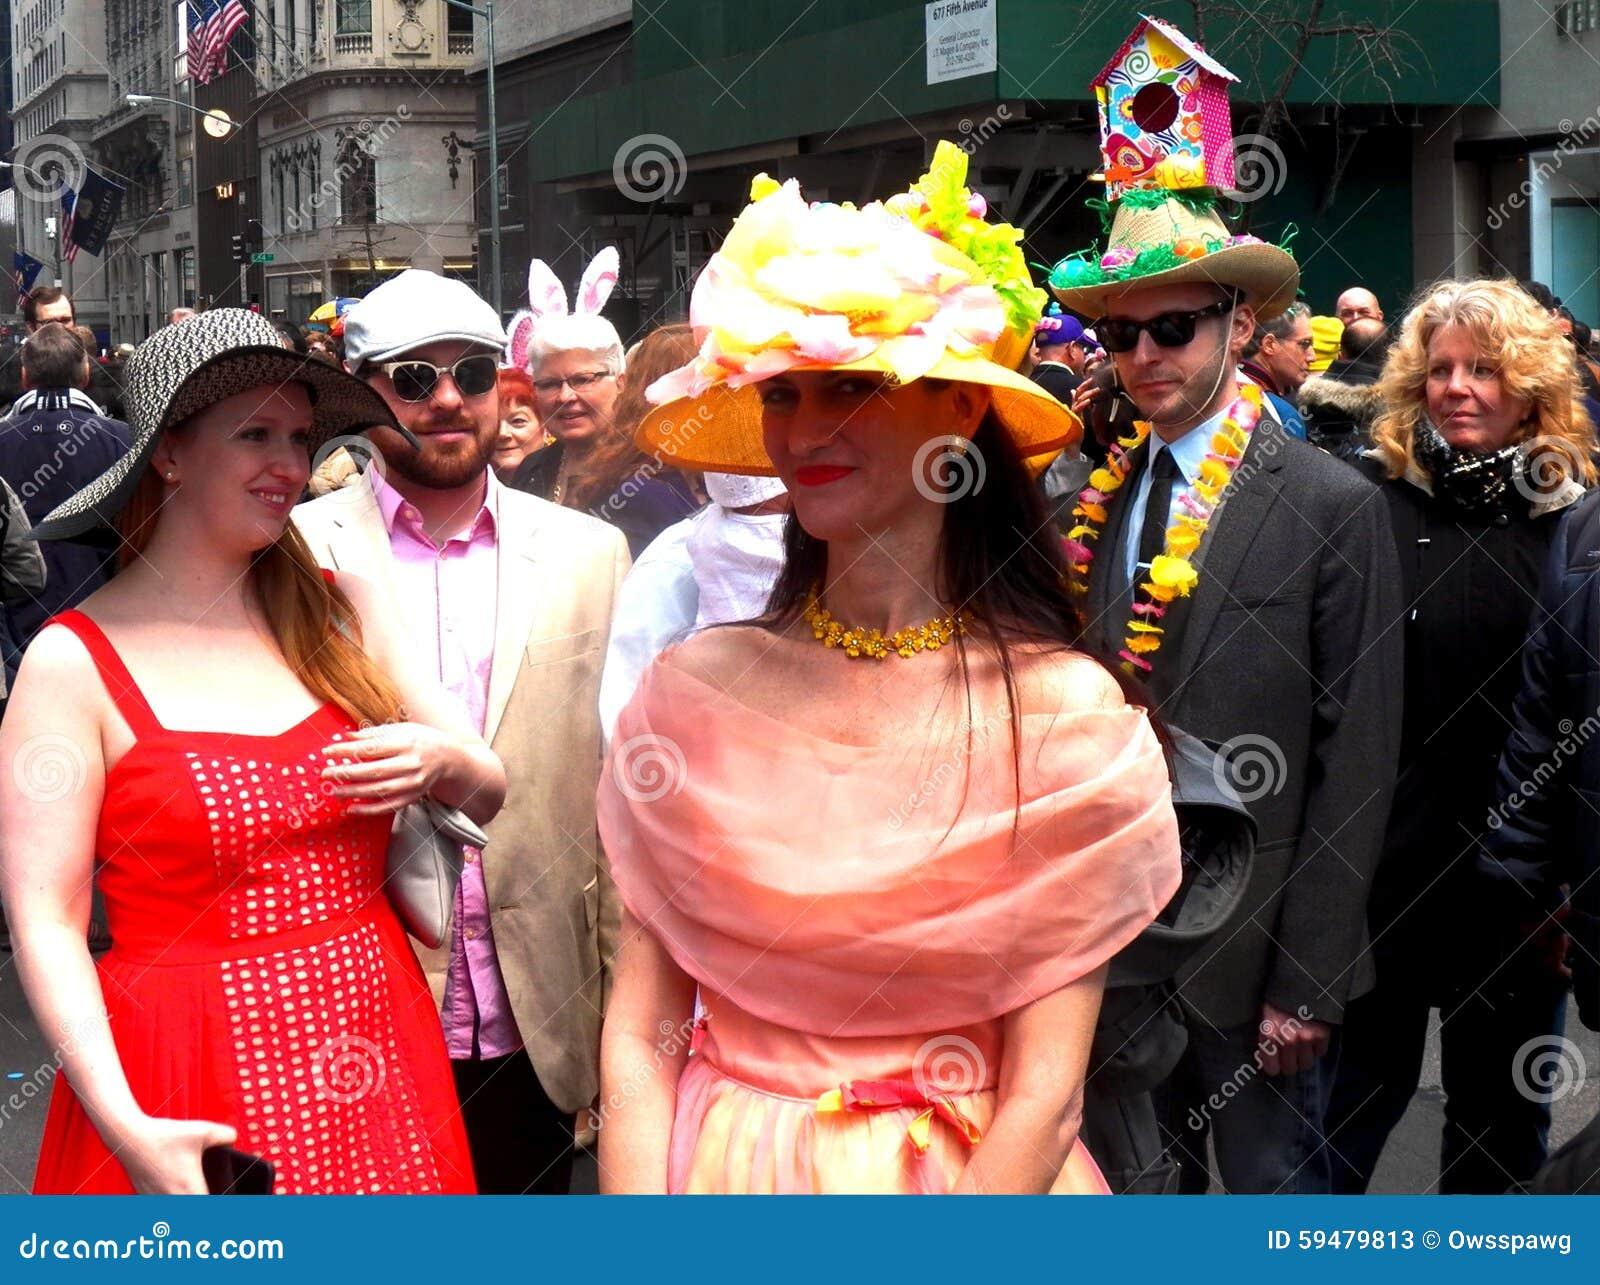 aa0343164eed1 La primavera de los sombreros del desfile de Pascua colorea New York City